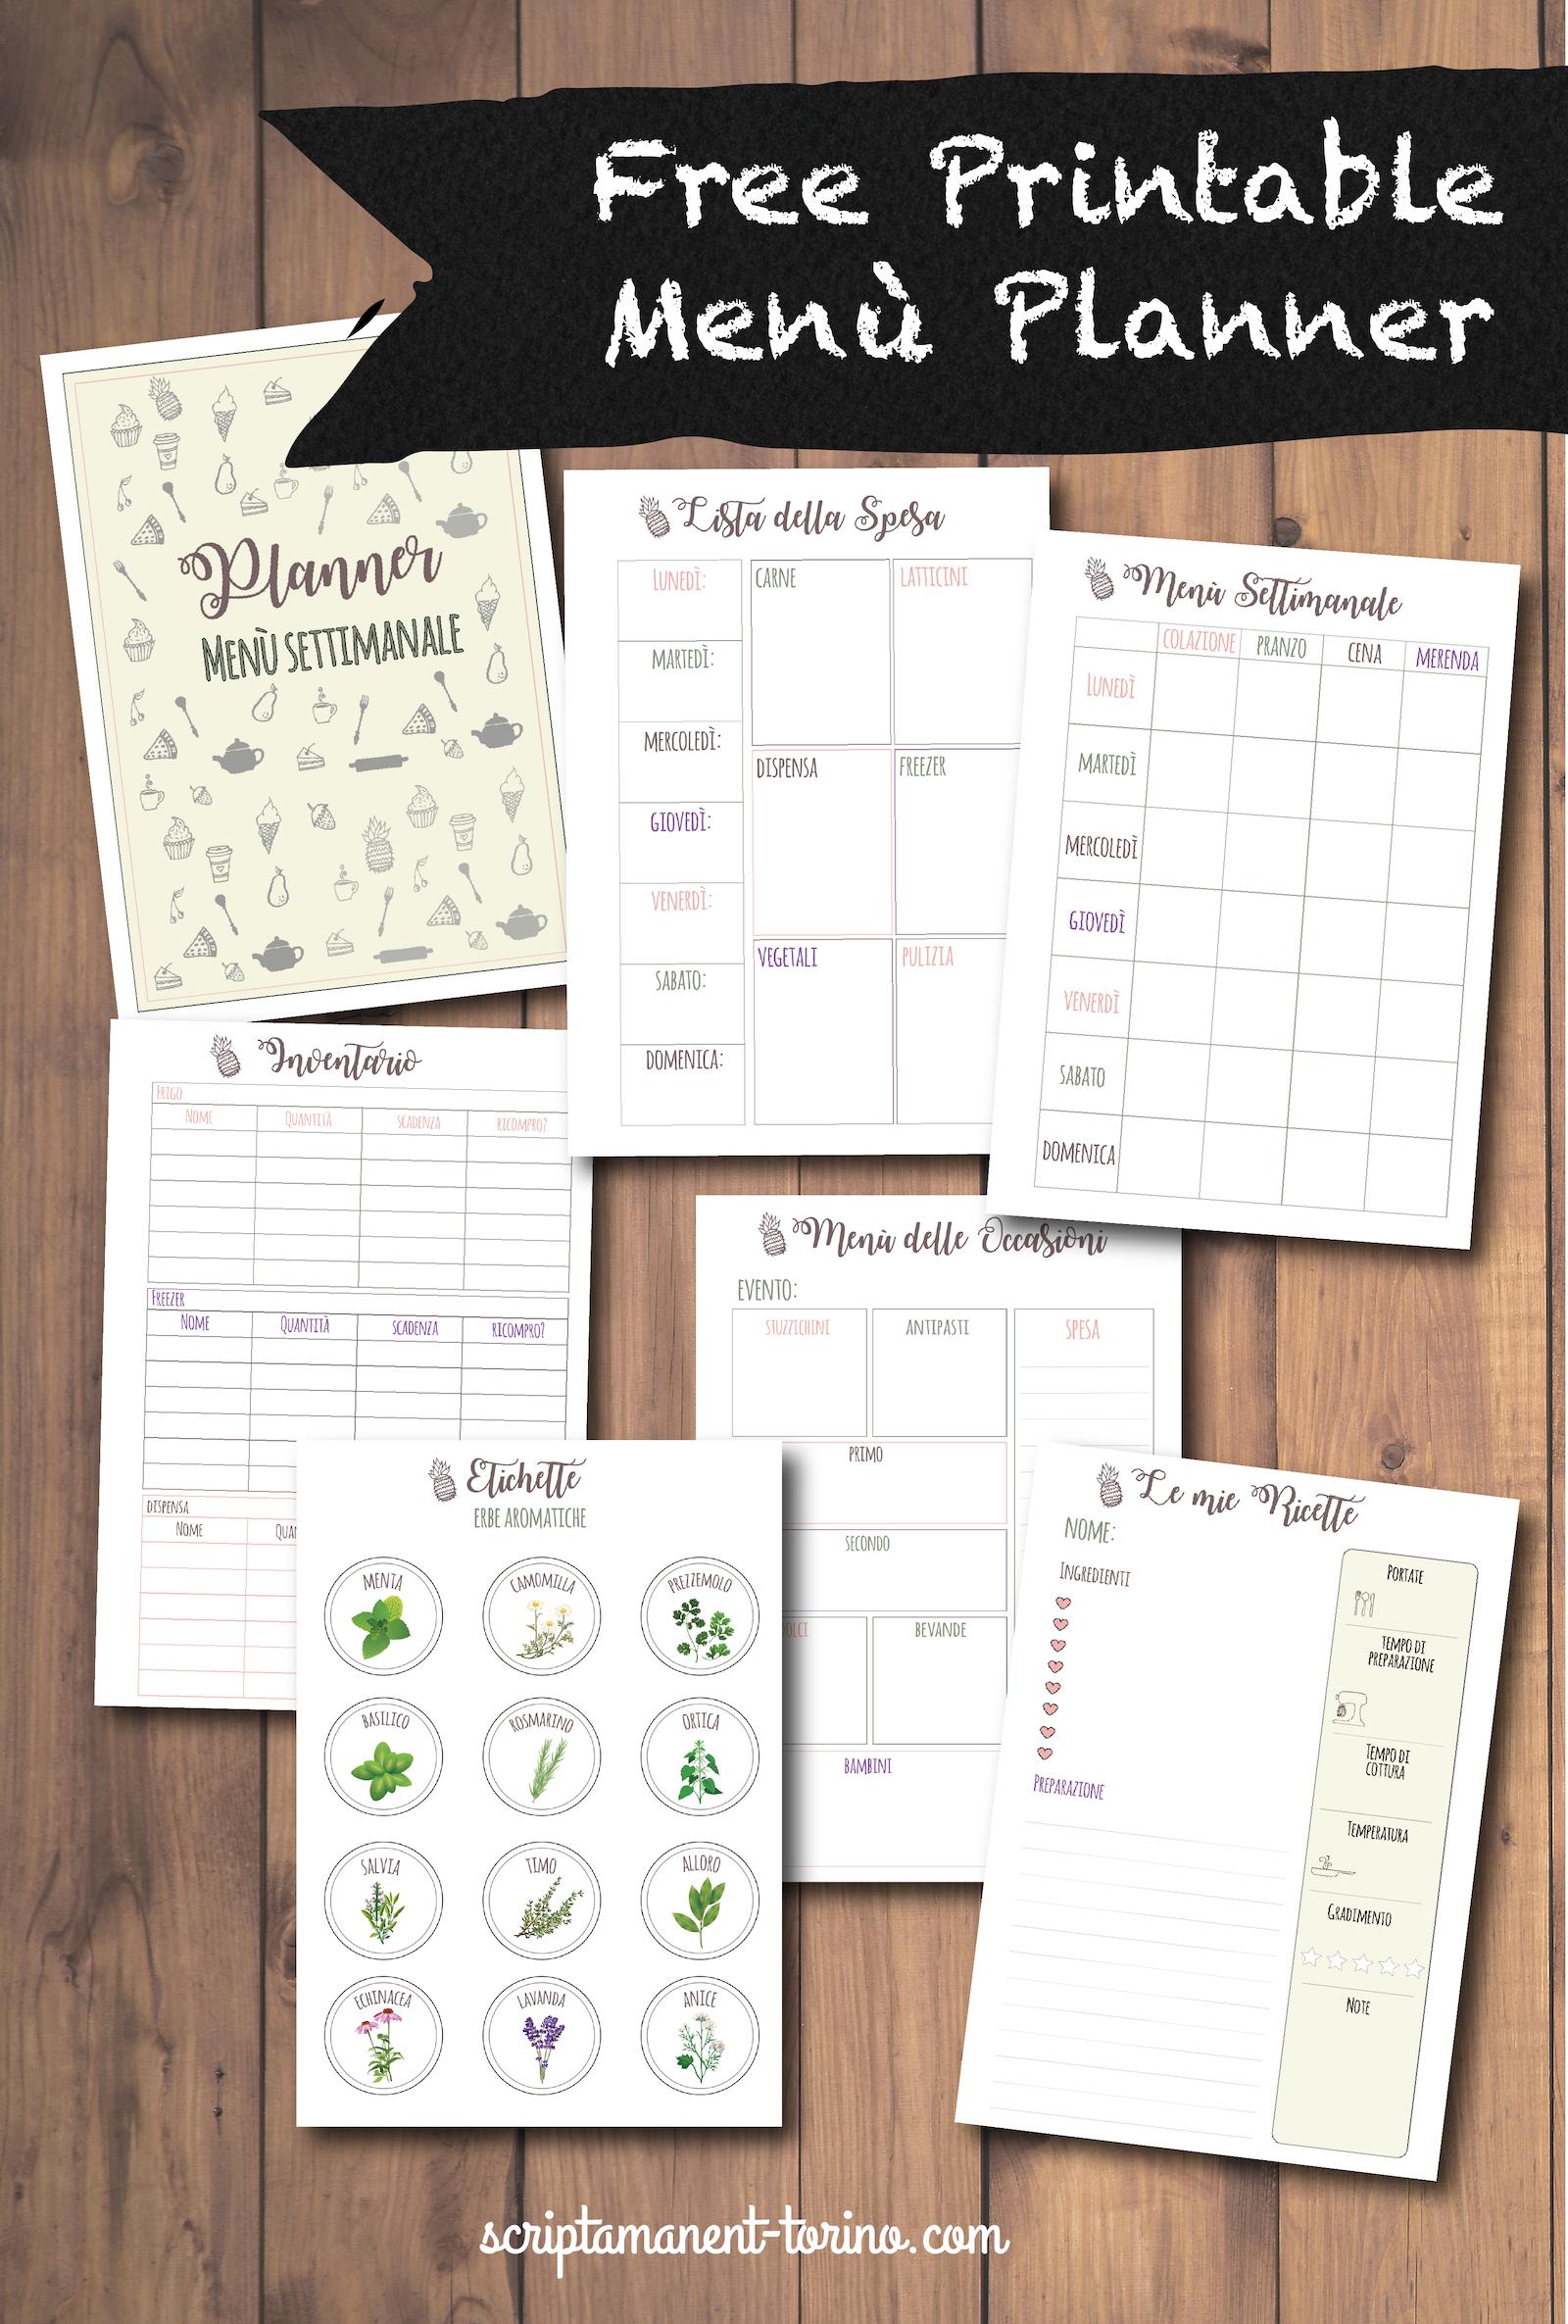 Organizzare Il Menu Della Settimana free printable: organizza il menù settimanale - scripta